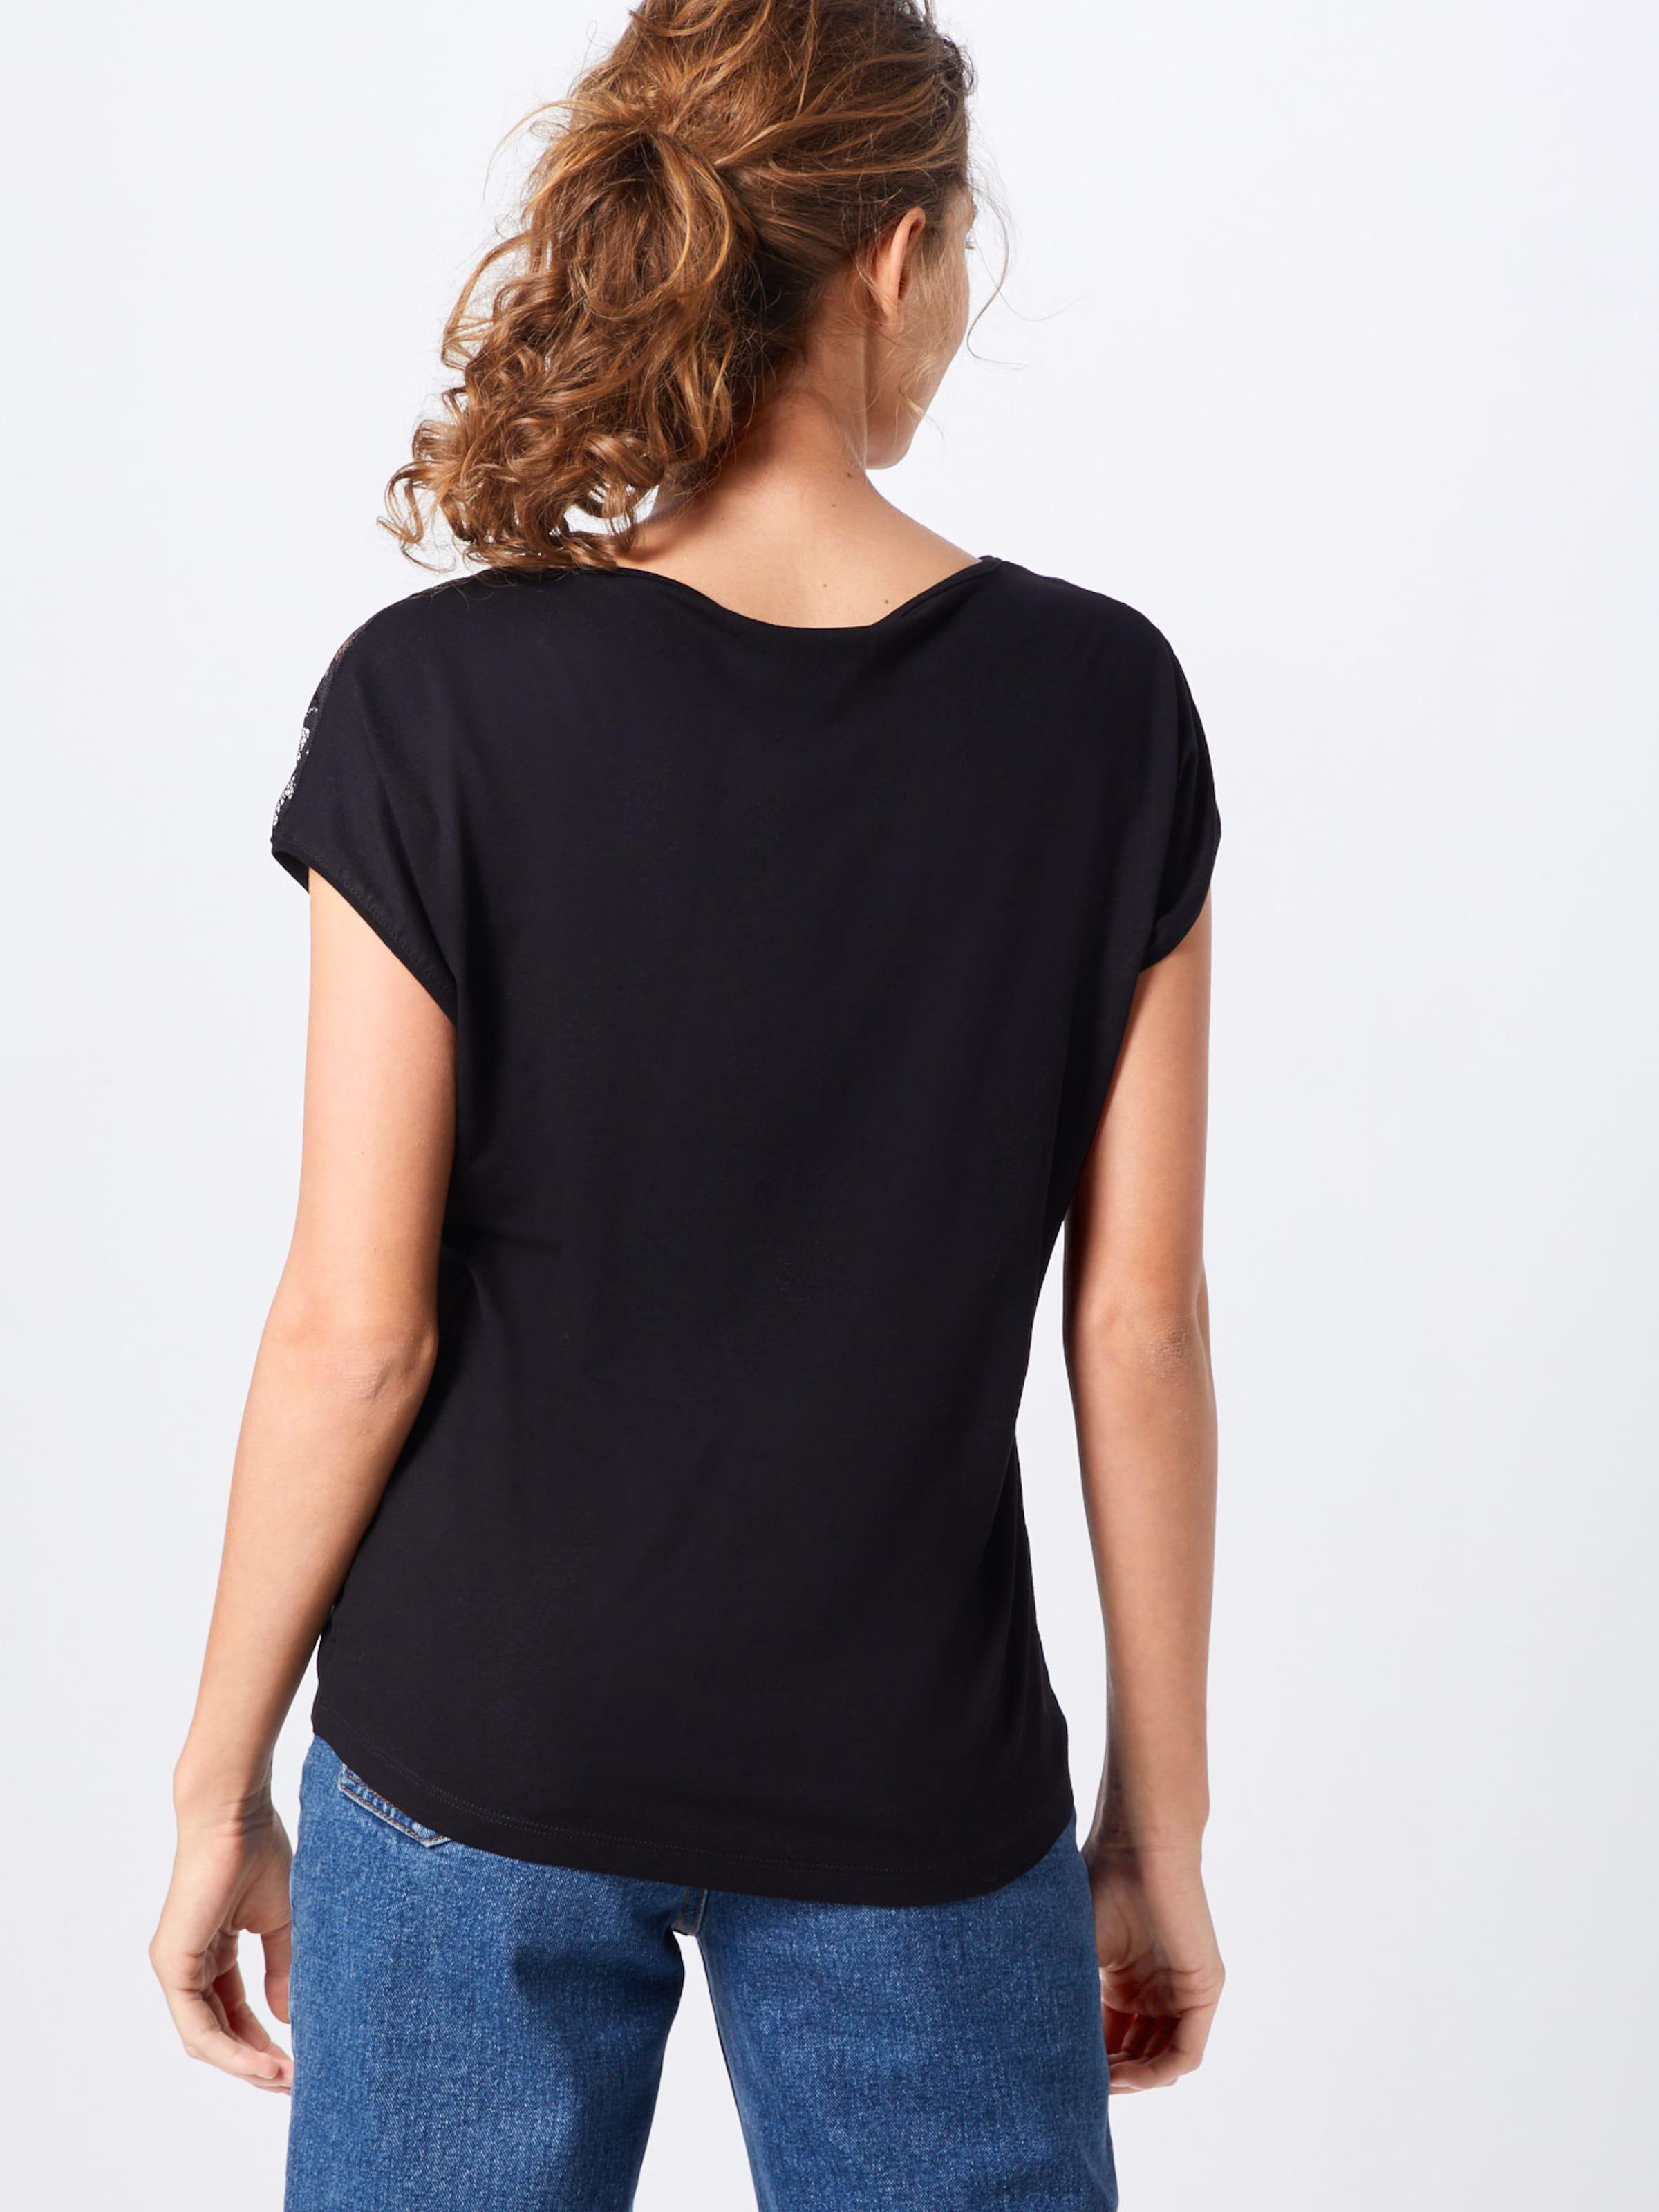 'esma' About Shirt In Schwarz You CxBdreWQo